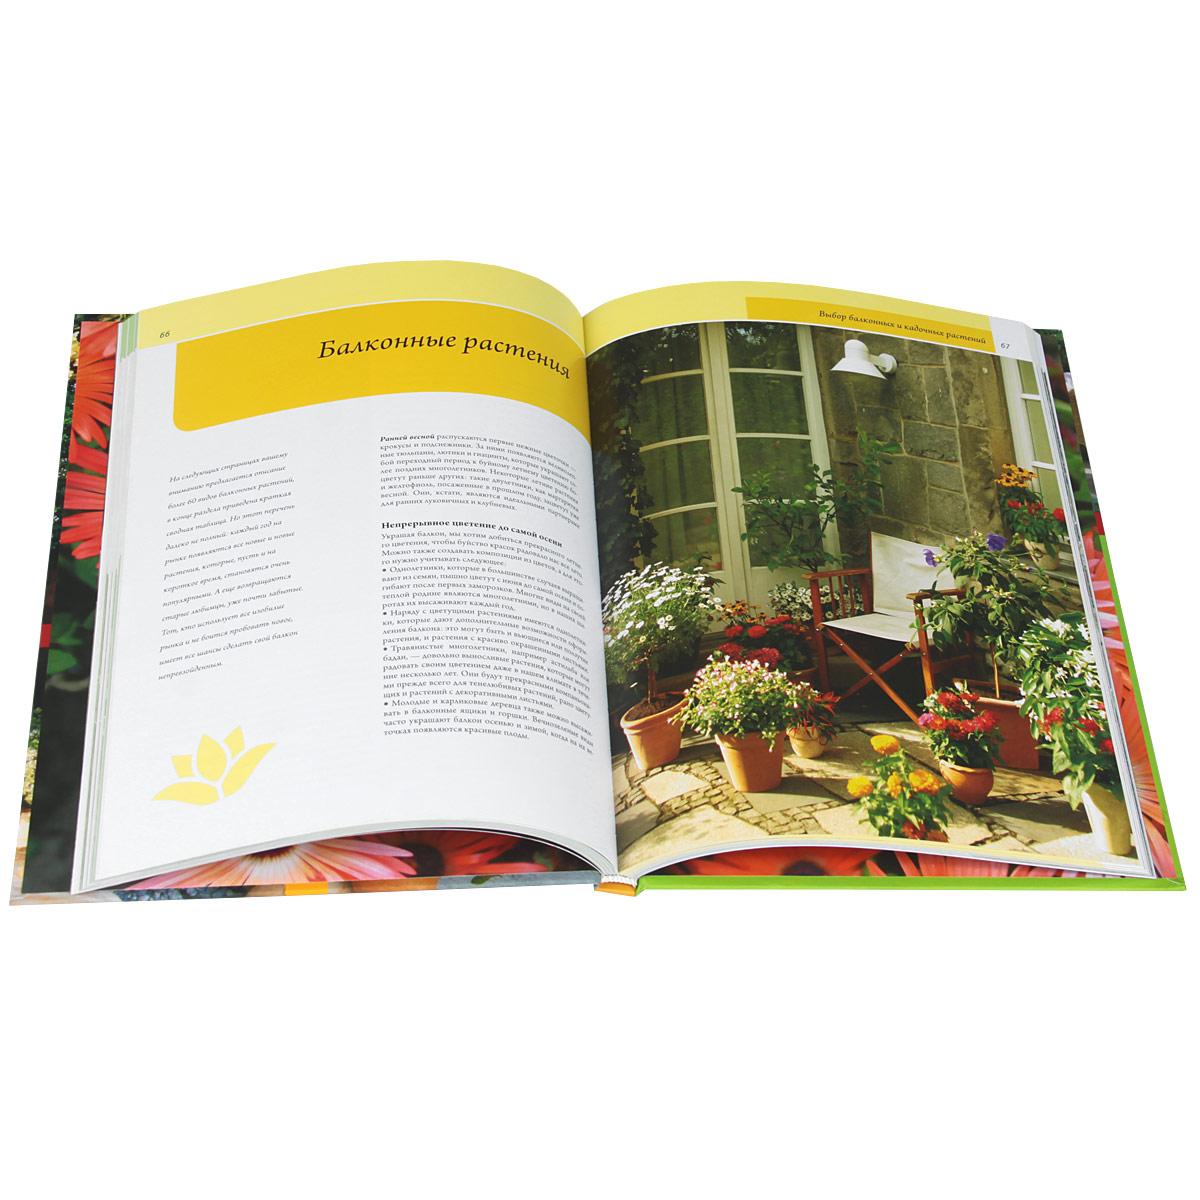 Растения для балконов и террас, Иоахим Майер